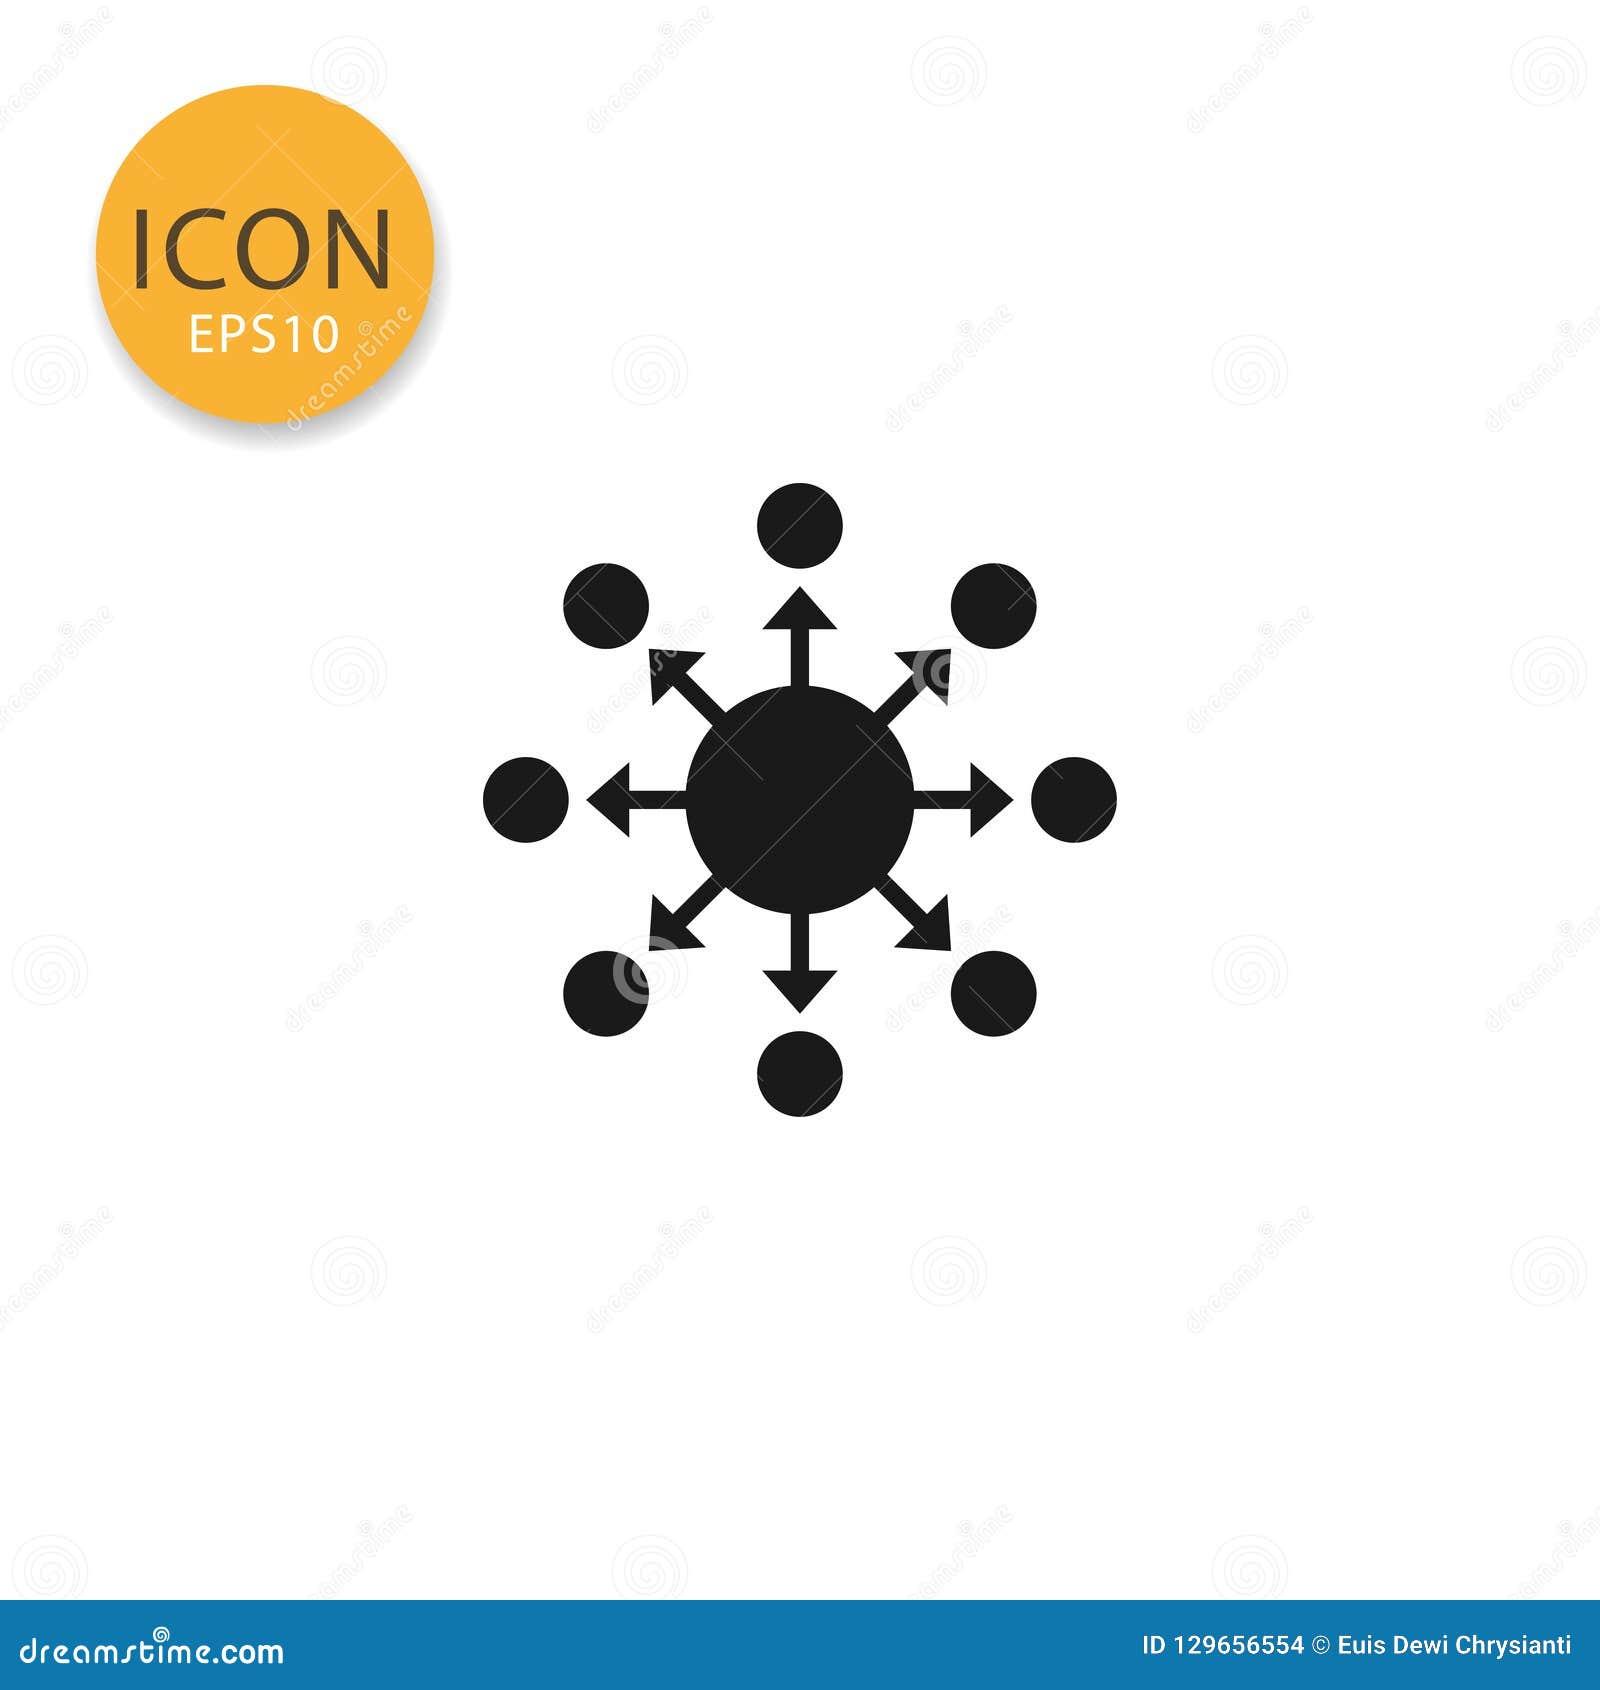 Estilo liso isolado ícone de espalhamento da distribuição